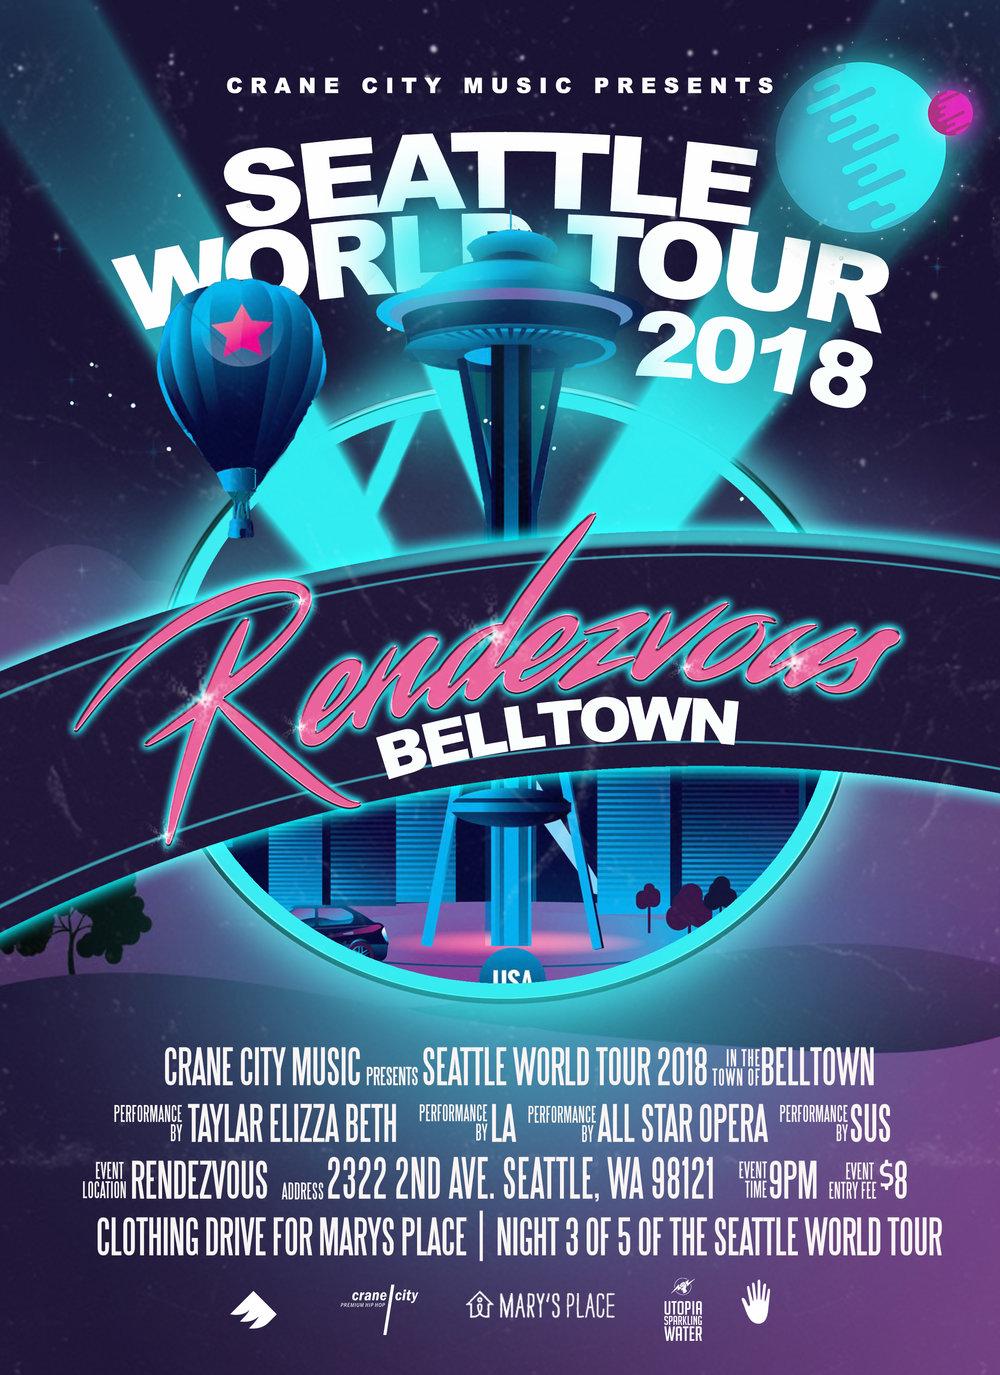 Seattle World Tour_Belltown_Final.jpeg